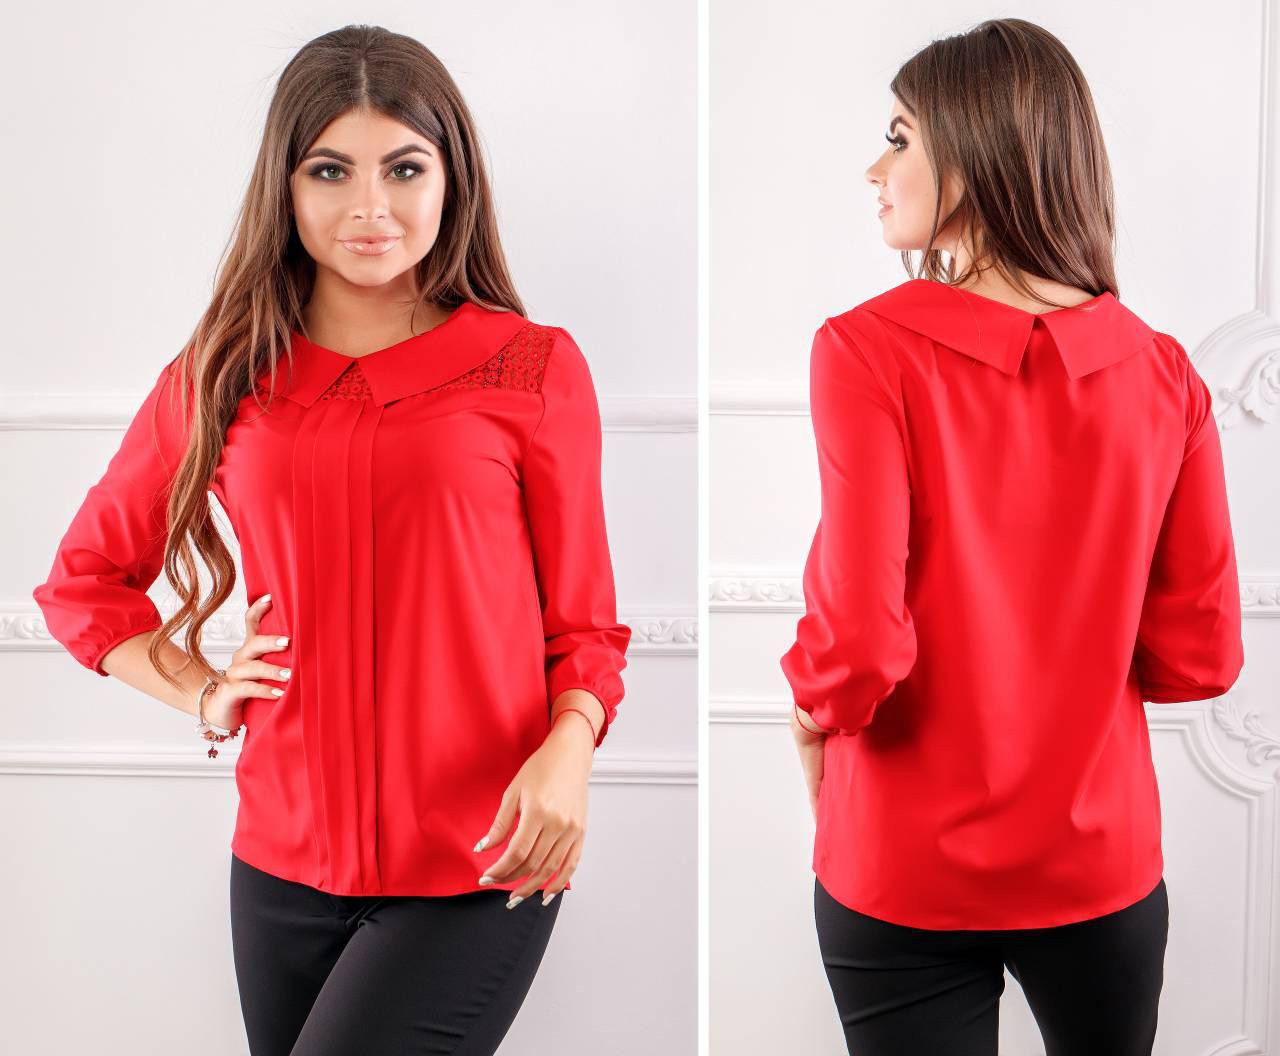 Блуза женская с воротником и кружевом, модель 124, цвет - красный